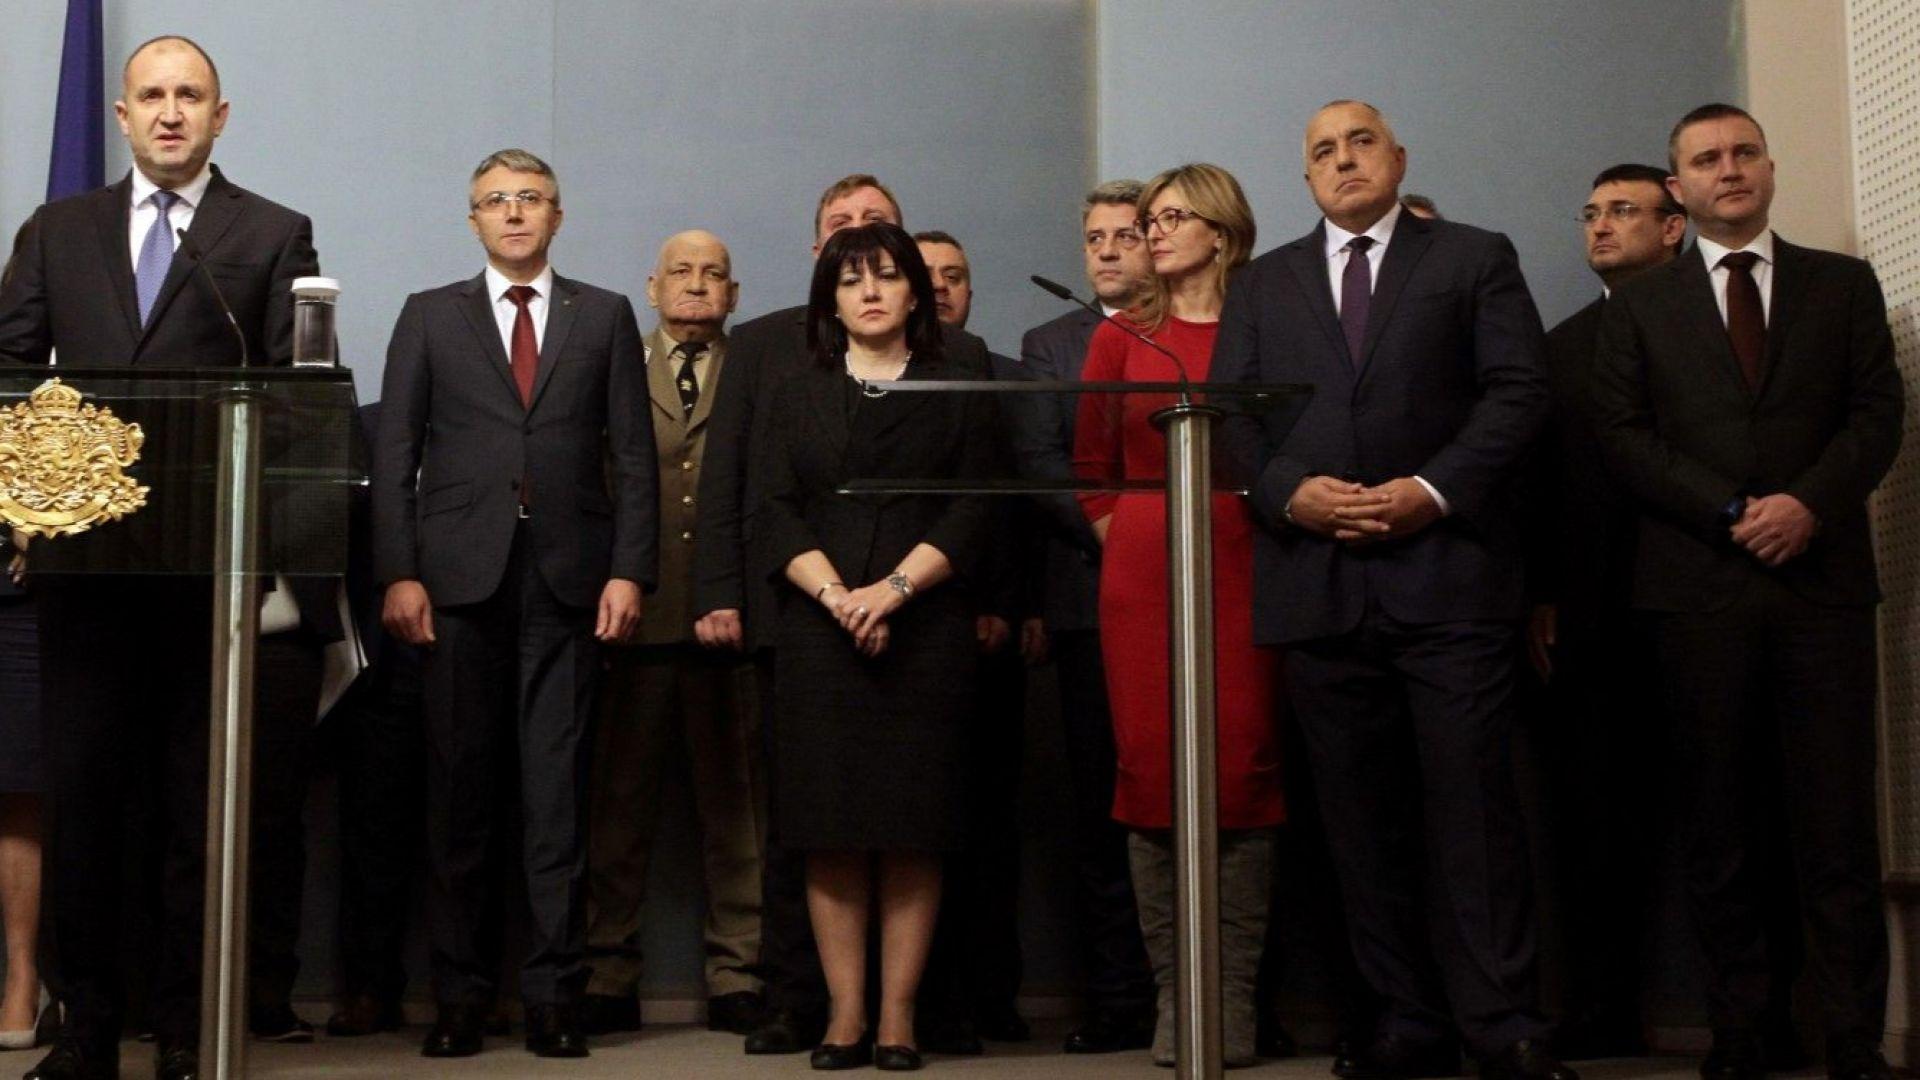 Няма пряка заплаха за България, но политиците призоваха за мир и дипломация